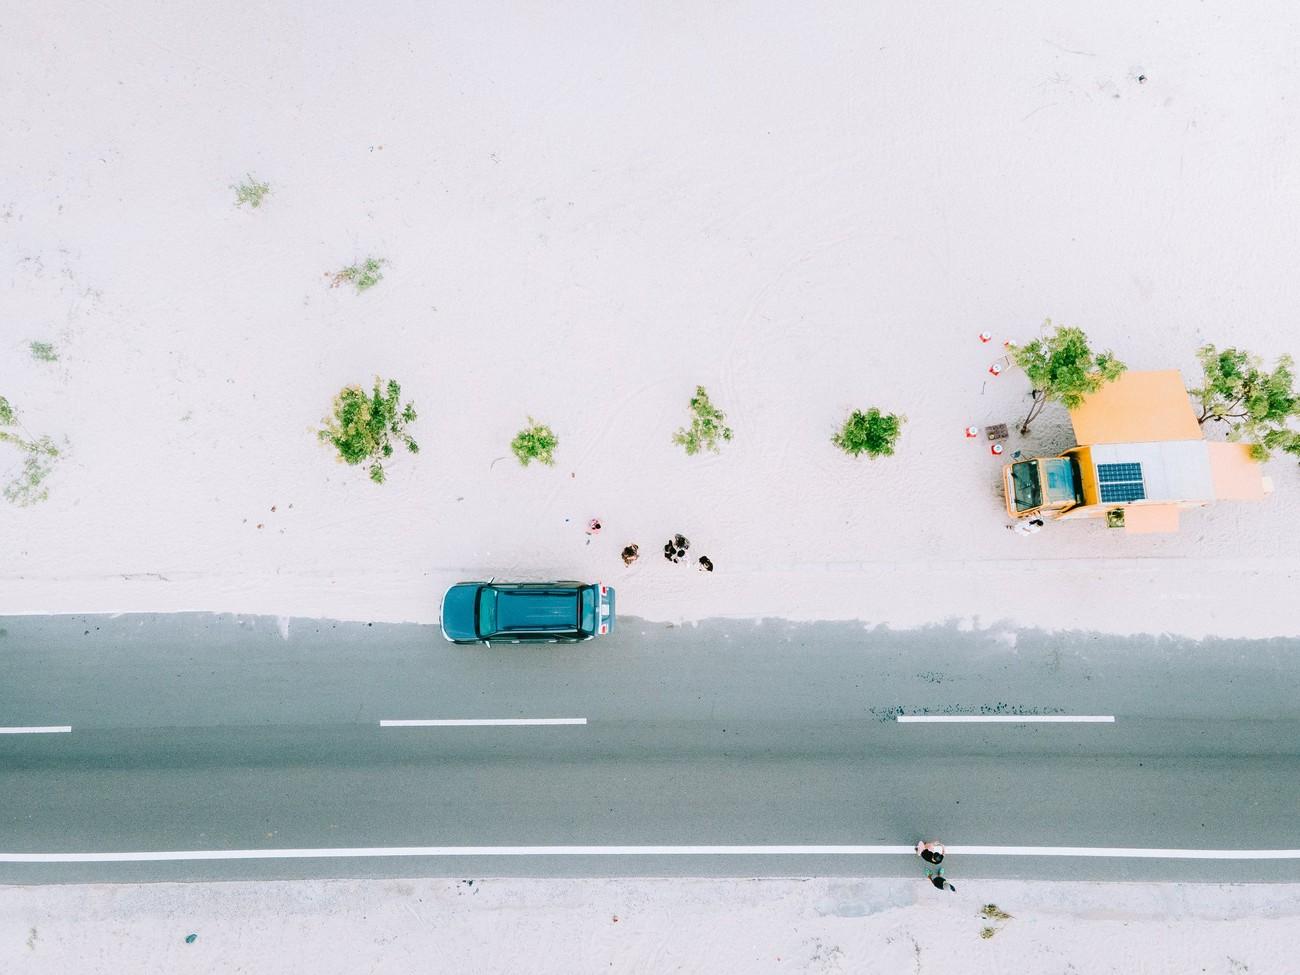 Đi đâu đón 2021: Cung đường biển phủ đầy cát trắng đẹp nhất Việt Nam ảnh 2